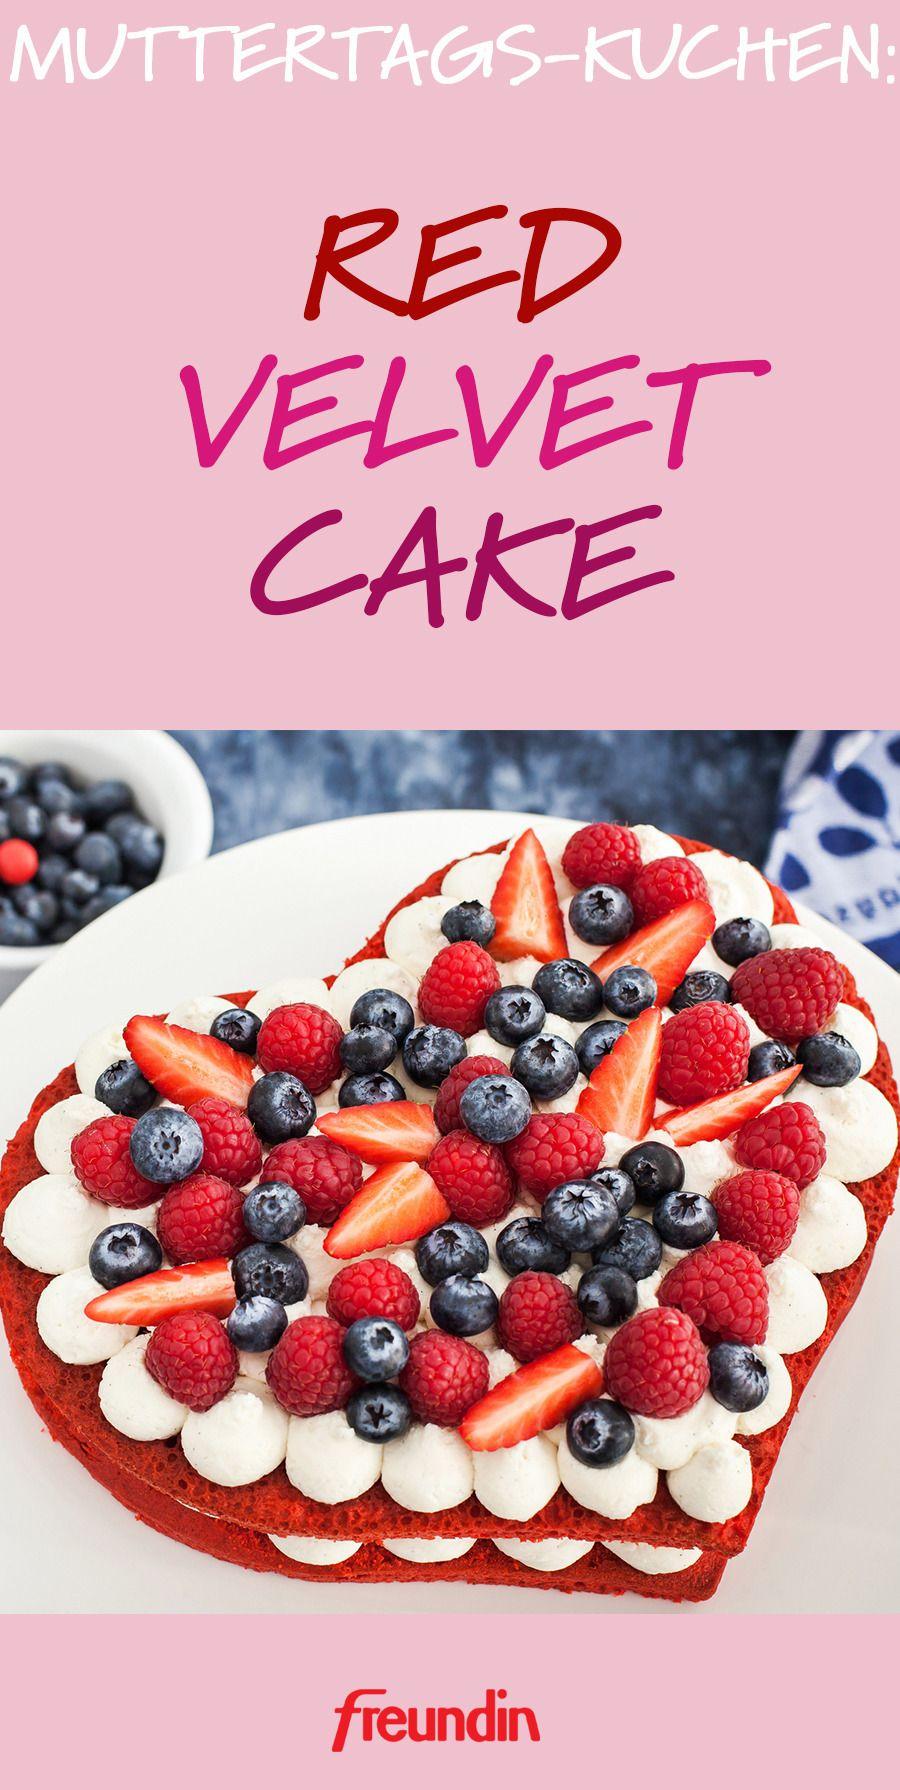 Muttertags-Kuchen: Red Velvet Cake | freundin.de